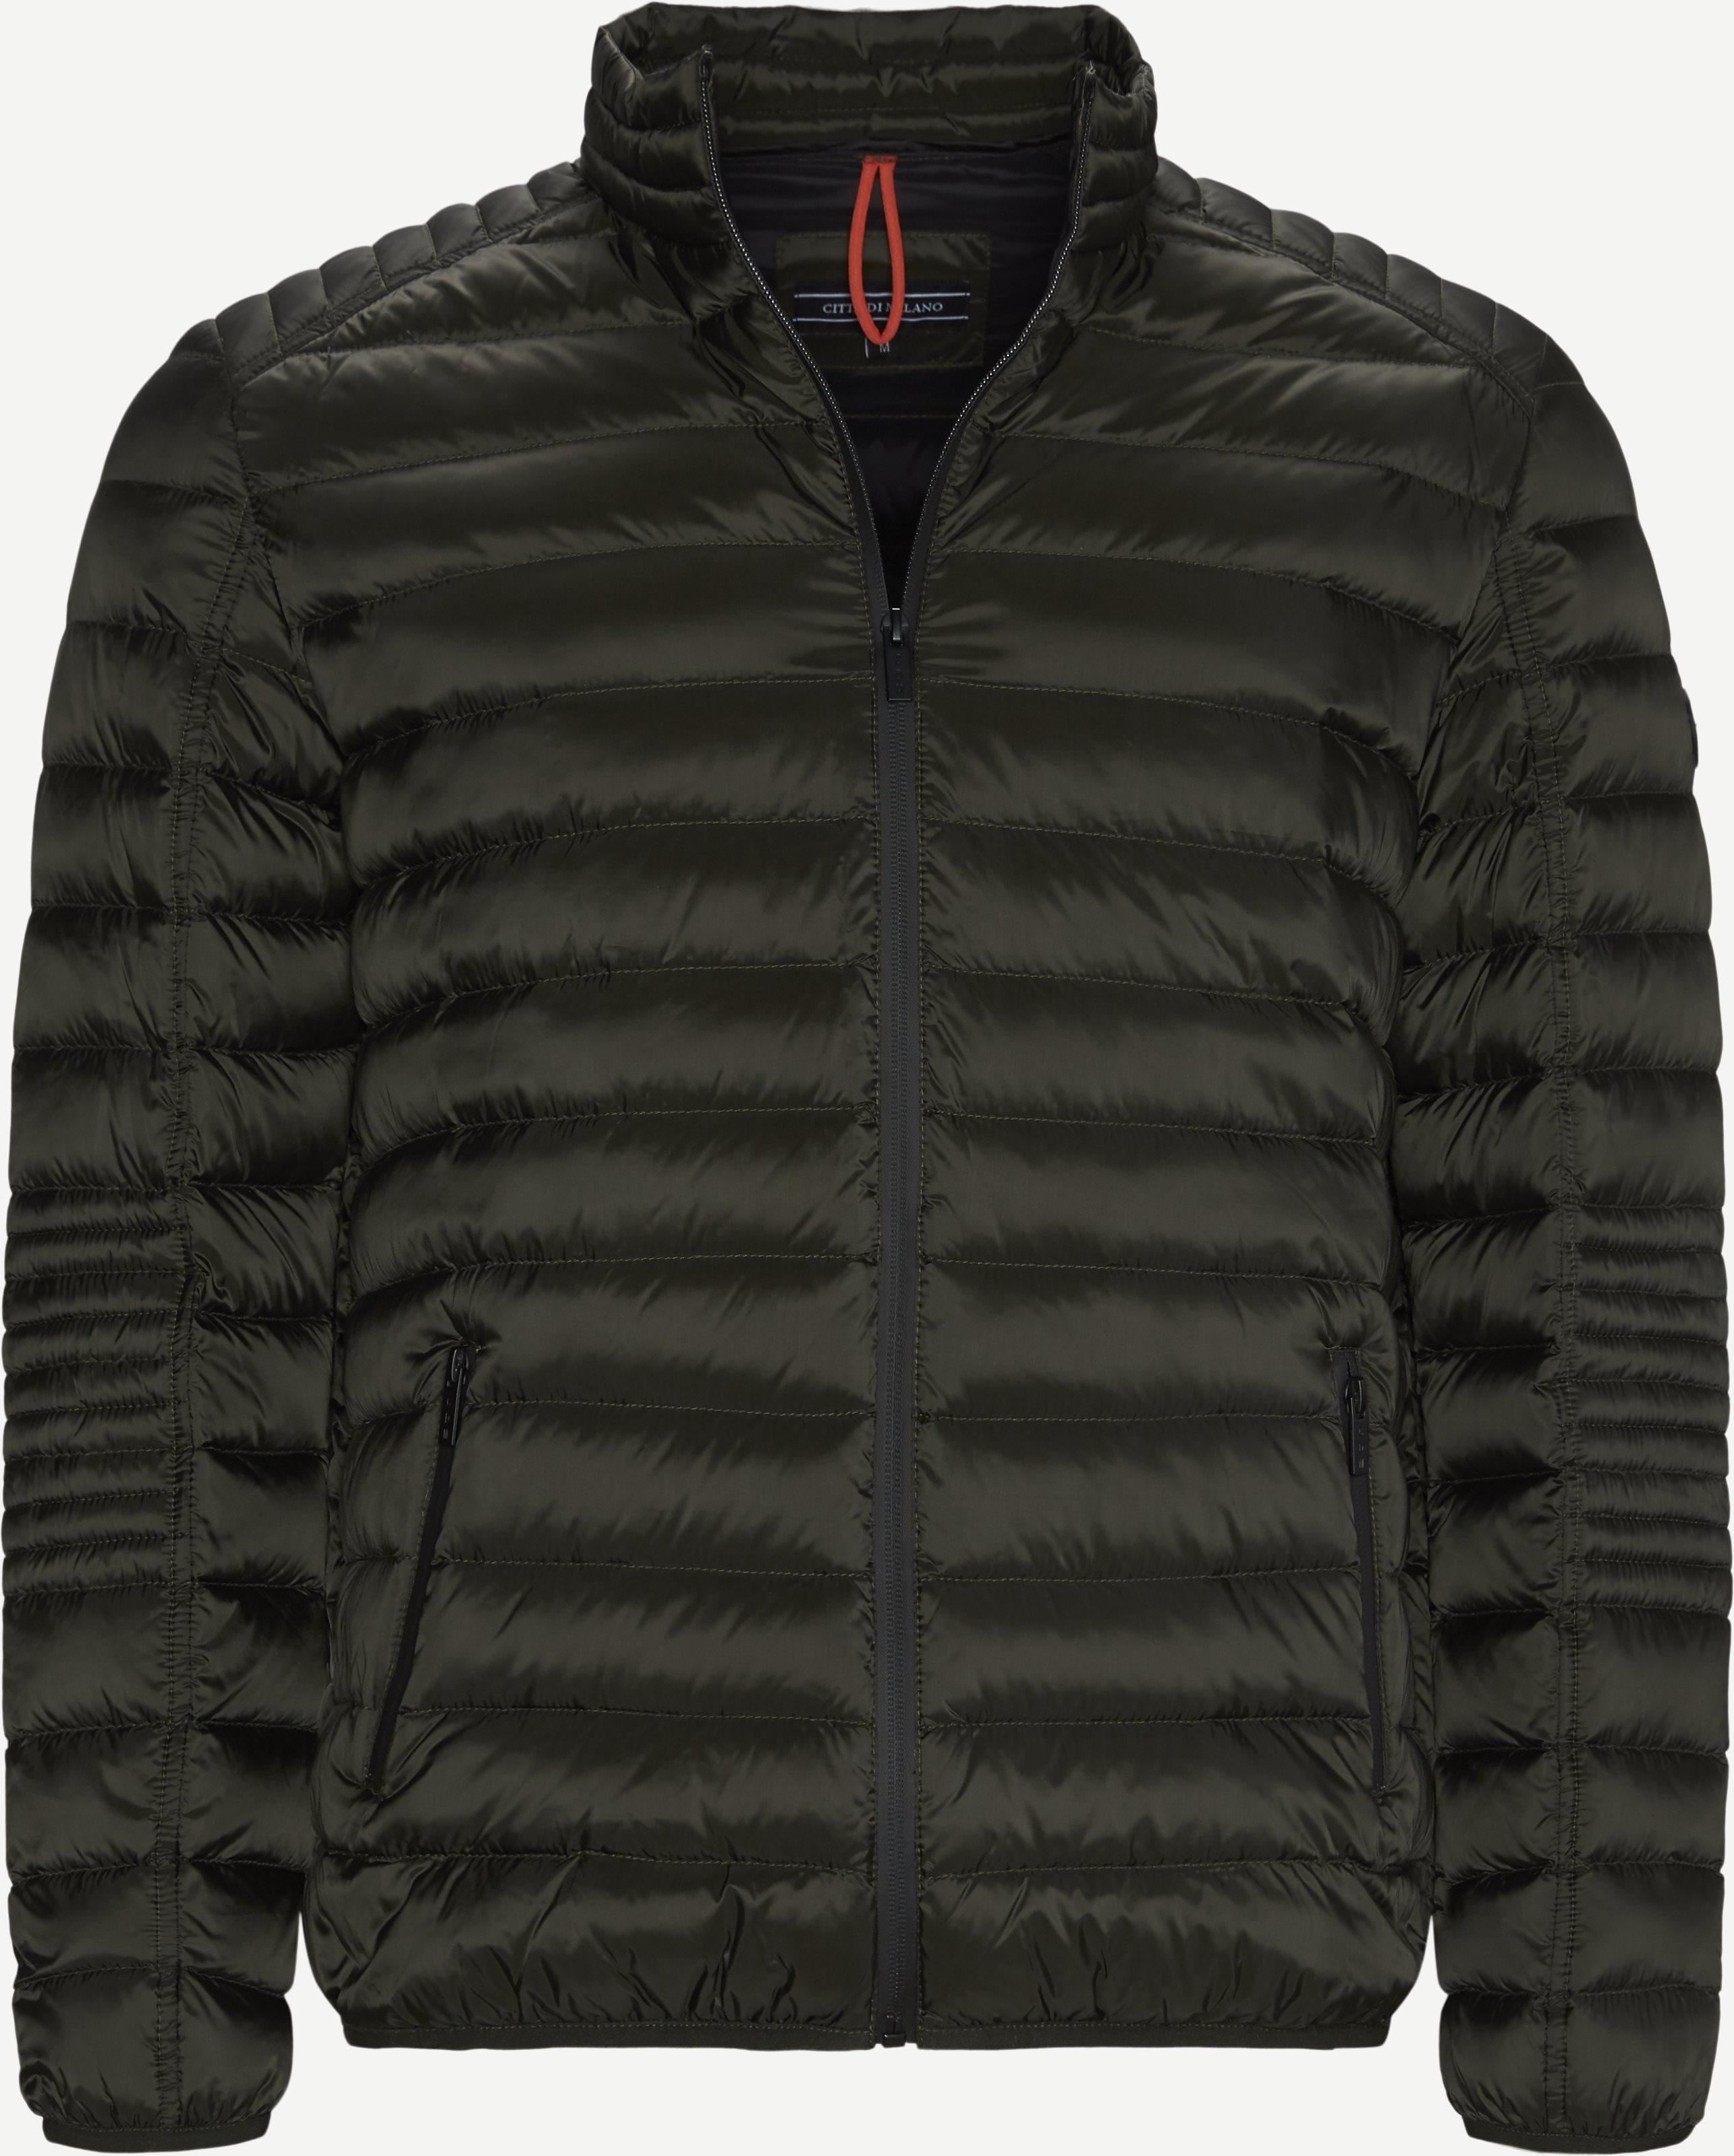 Jackets - Regular - Green